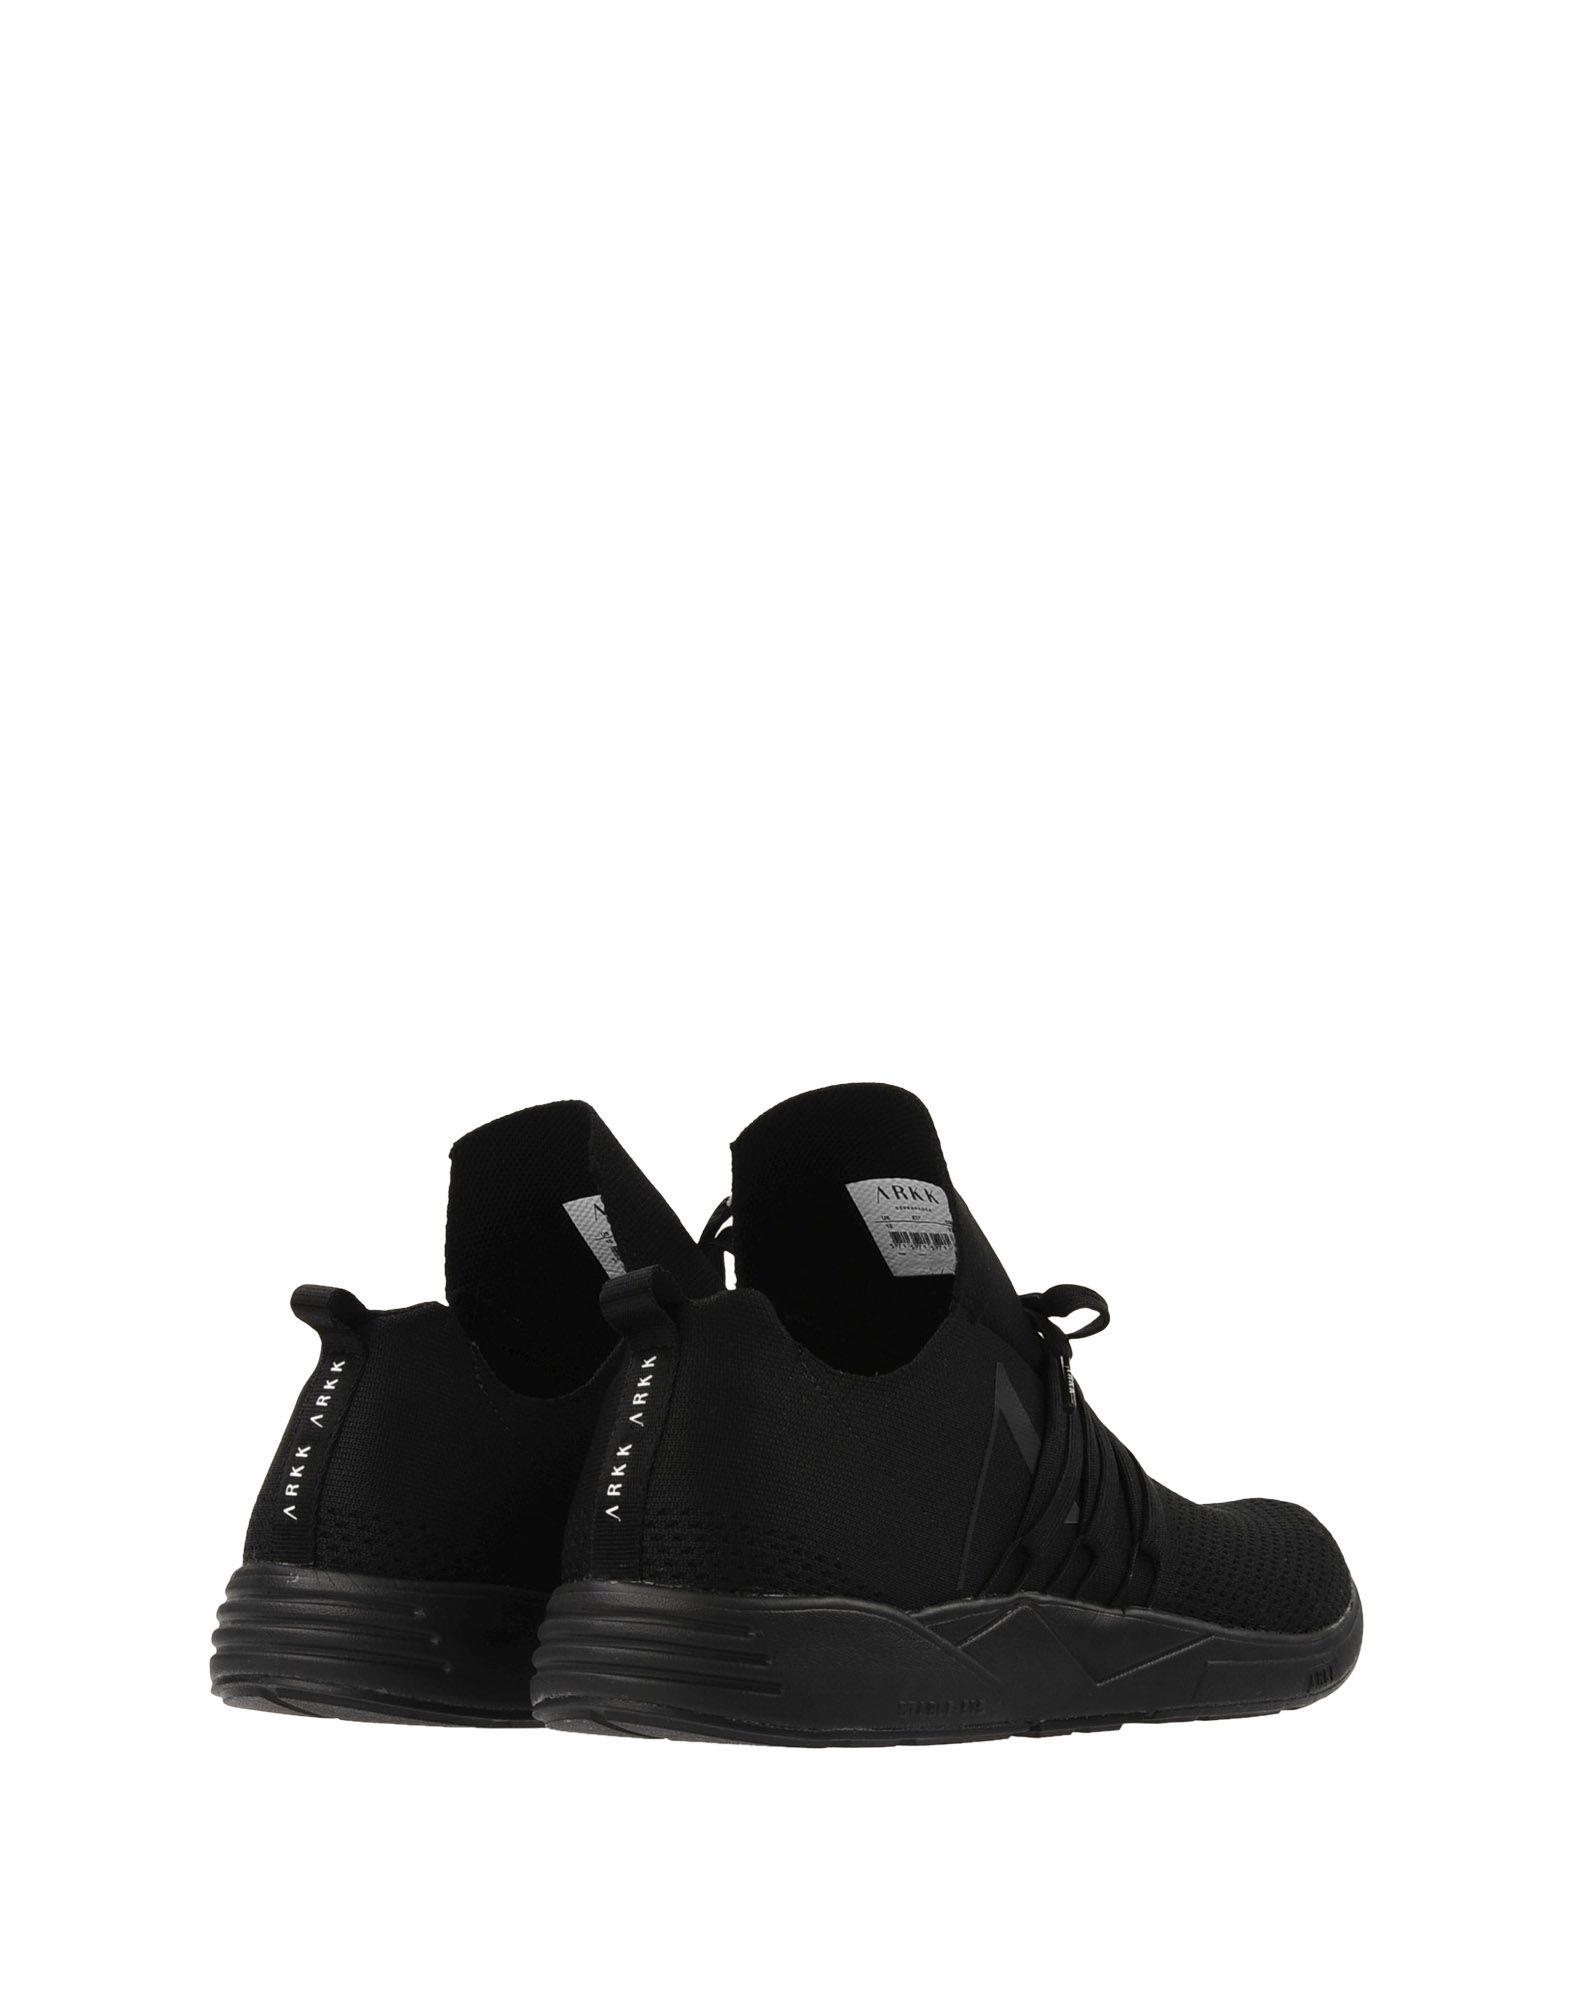 Sneakers Arkk Copenhagen Raven Fg 2.0 S-E15 Triple Black - Homme - Sneakers Arkk Copenhagen sur